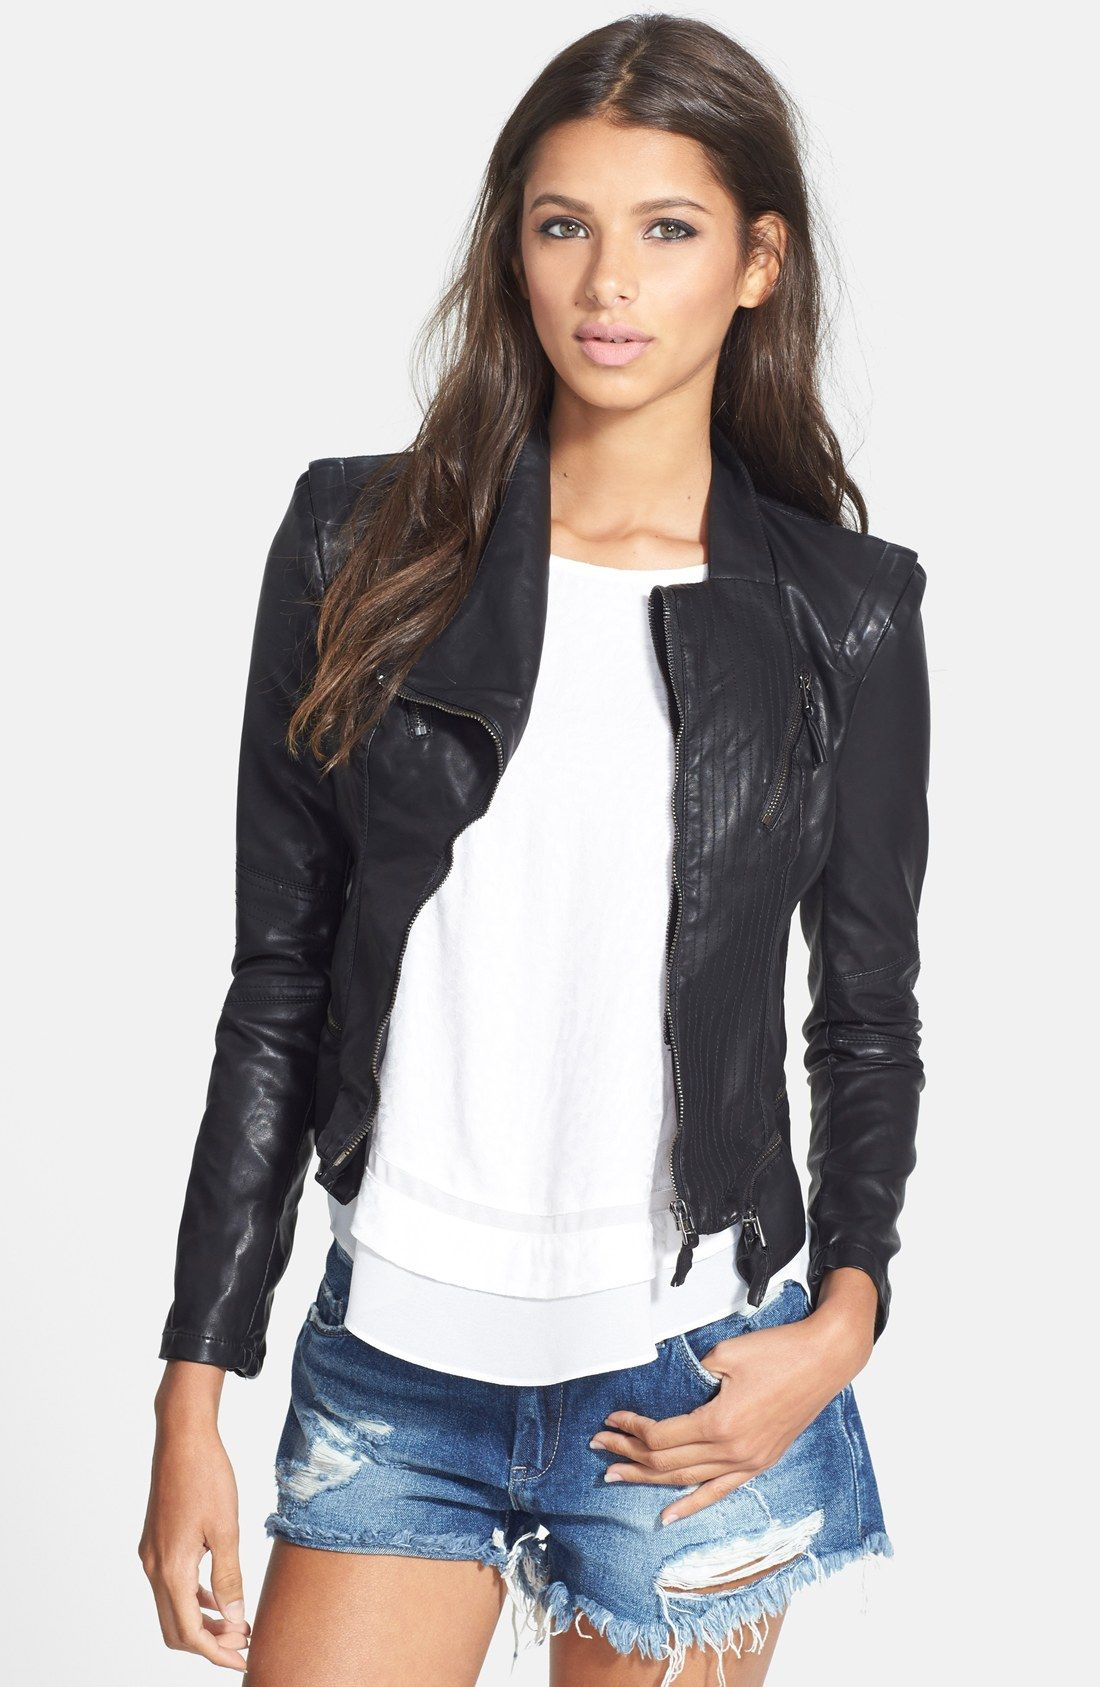 33dd18367 BLANKNYC Faux Leather Jacket, Black, Medium | fashion and such ...